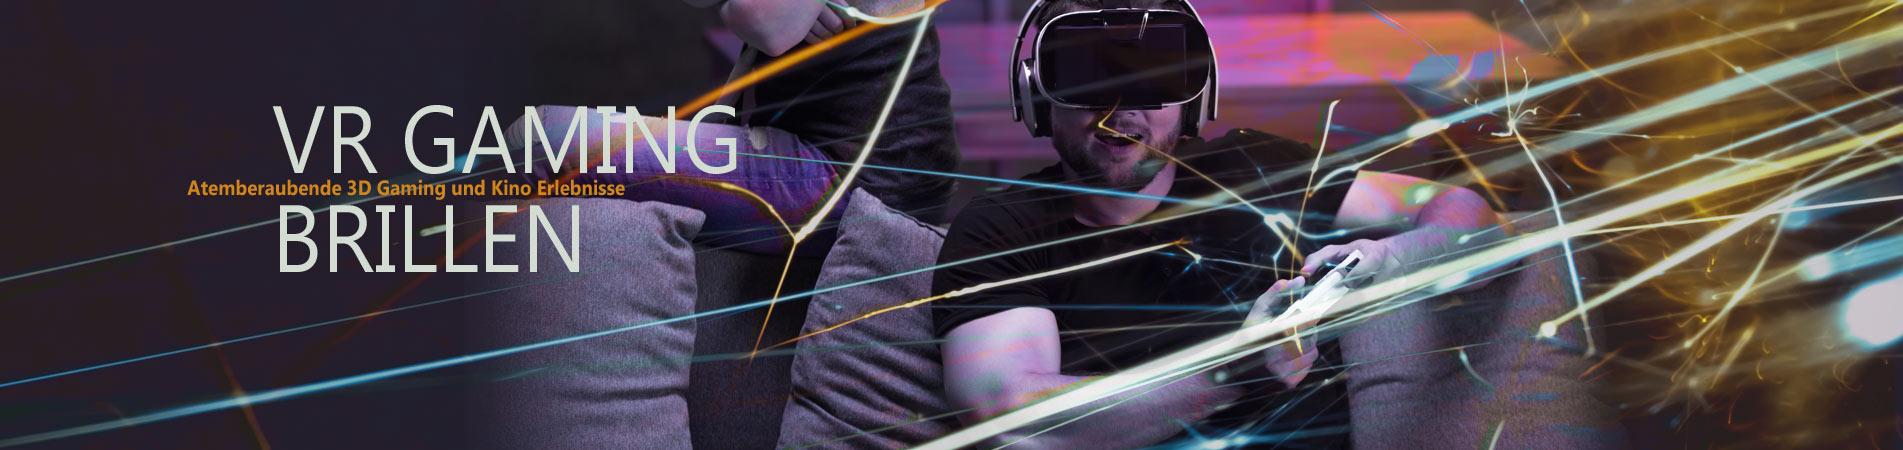 VR Gaming Brillen